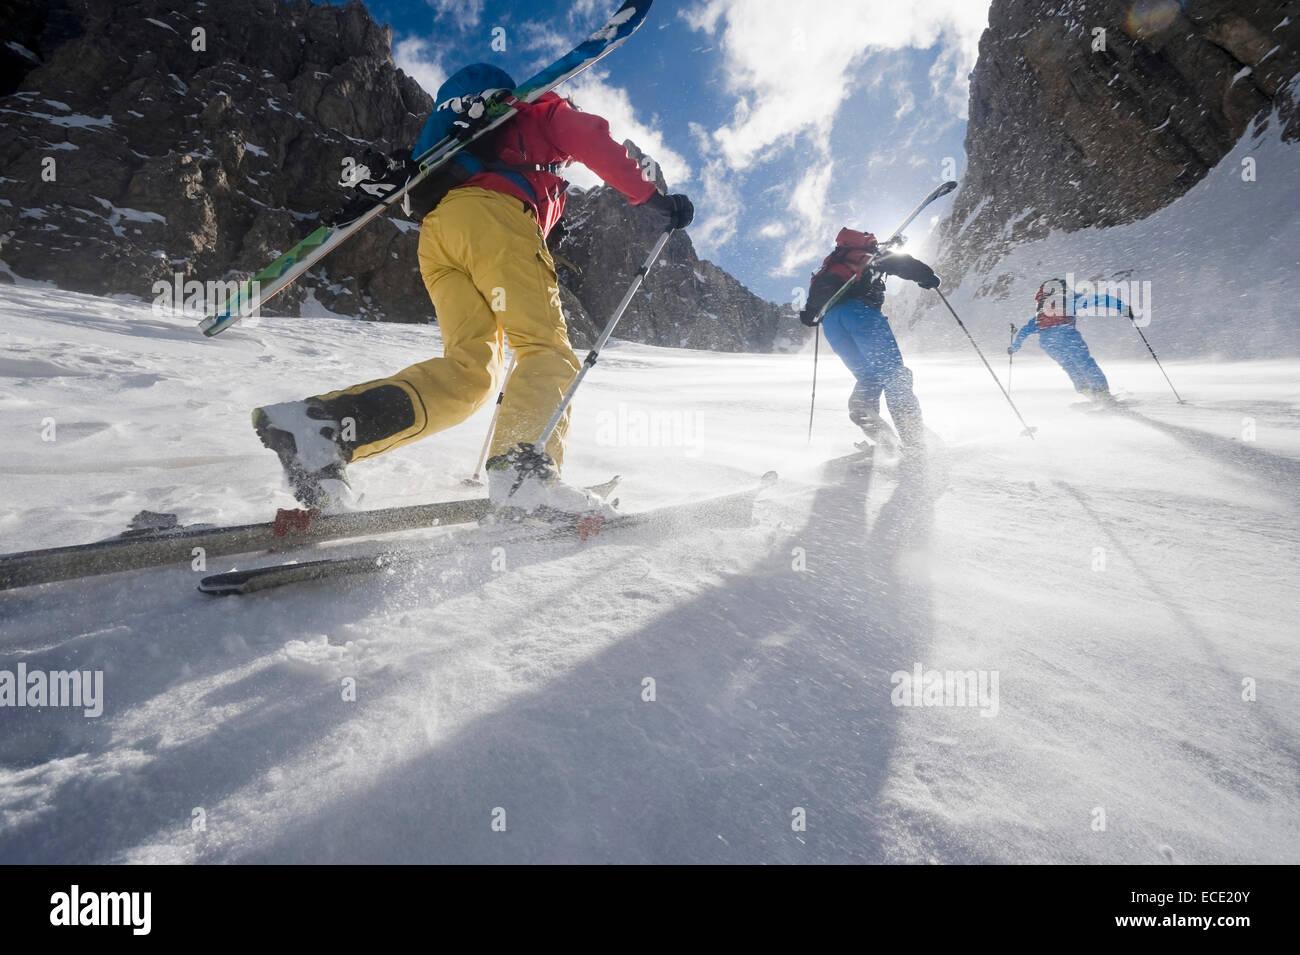 Men on a ski tour, Santa Cristina, Valgardena, Alto Adige, Italy - Stock Image